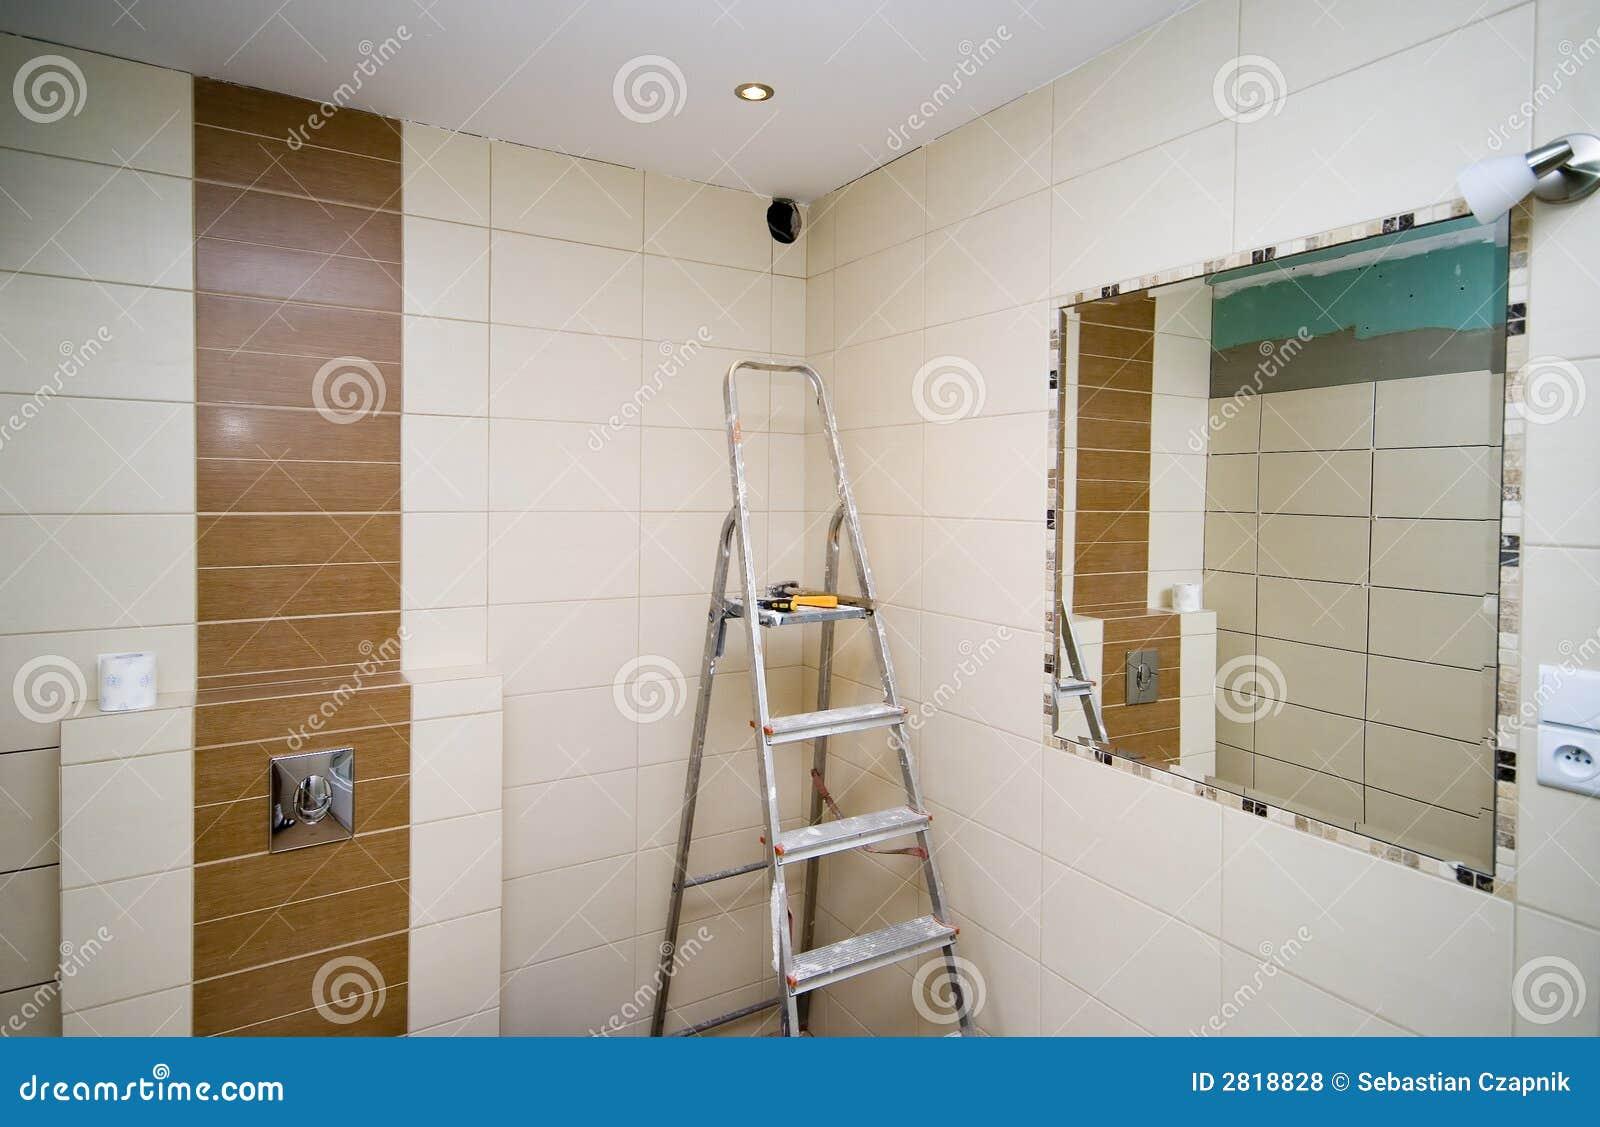 Imagens de #82A328 Banheiro Telha A Renovação Fotos de Stock Royalty Free Imagem  1300x933 px 3698 Banheiros Prontos Fotos